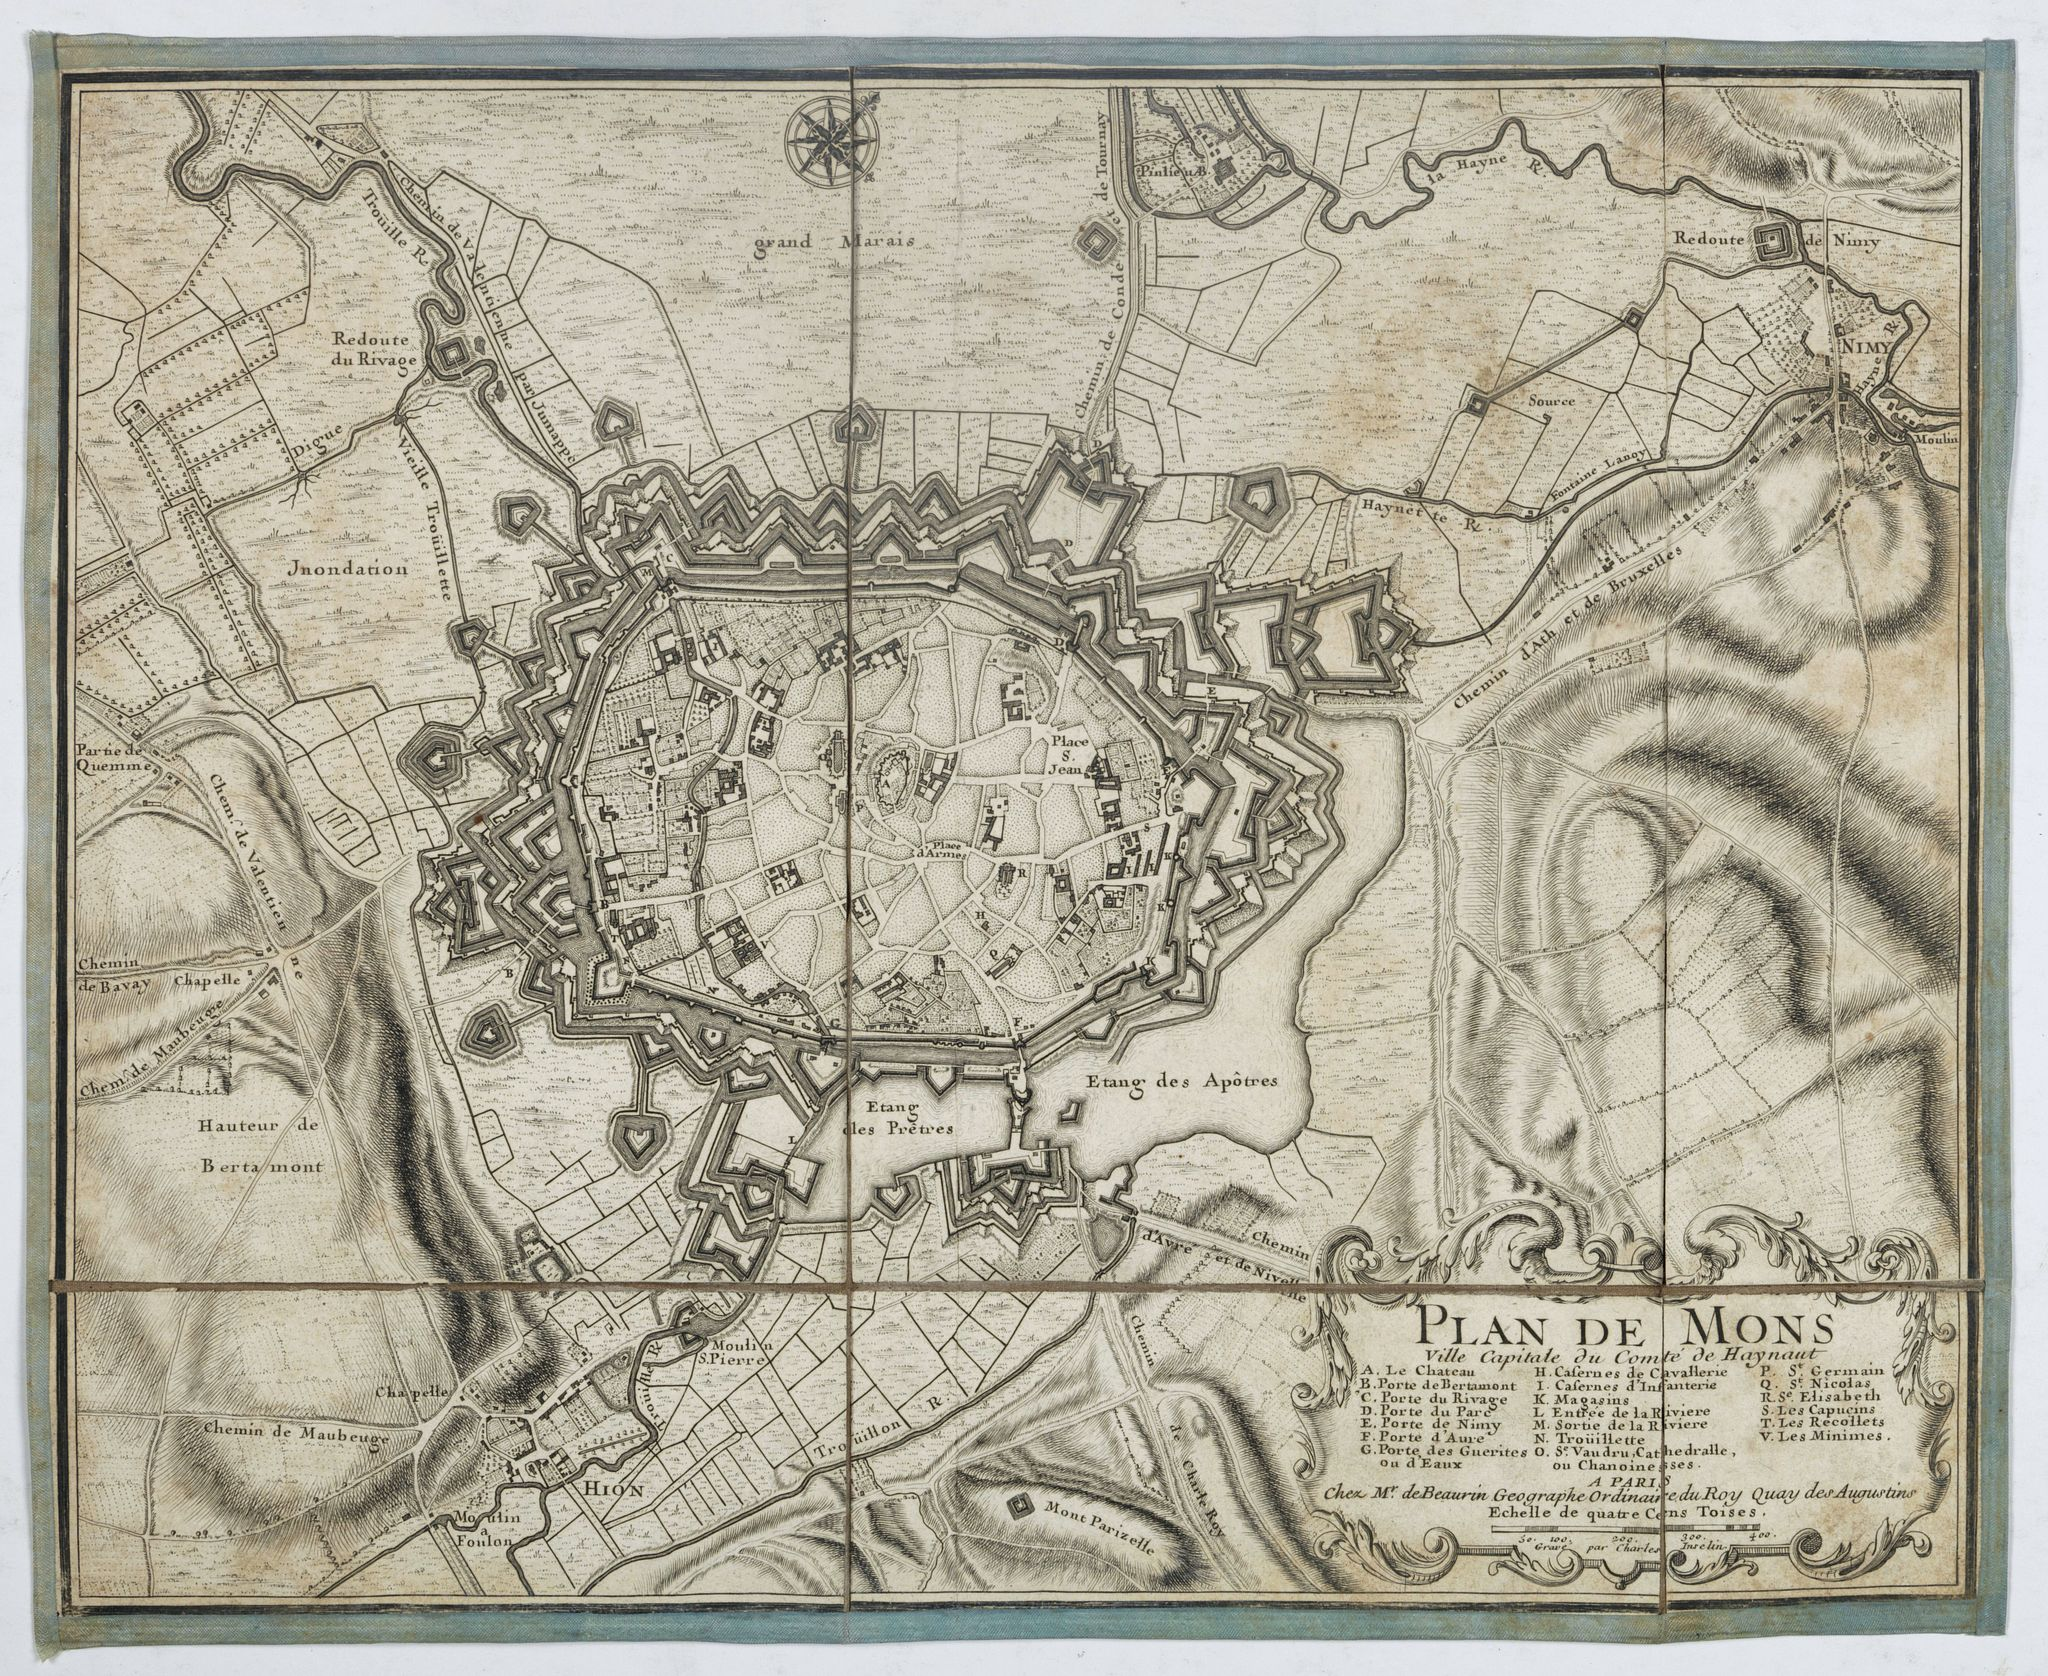 BEAURAIN (Jean de) -  Plan de Mons ville capitale du comté de Haynaut. [MONS]